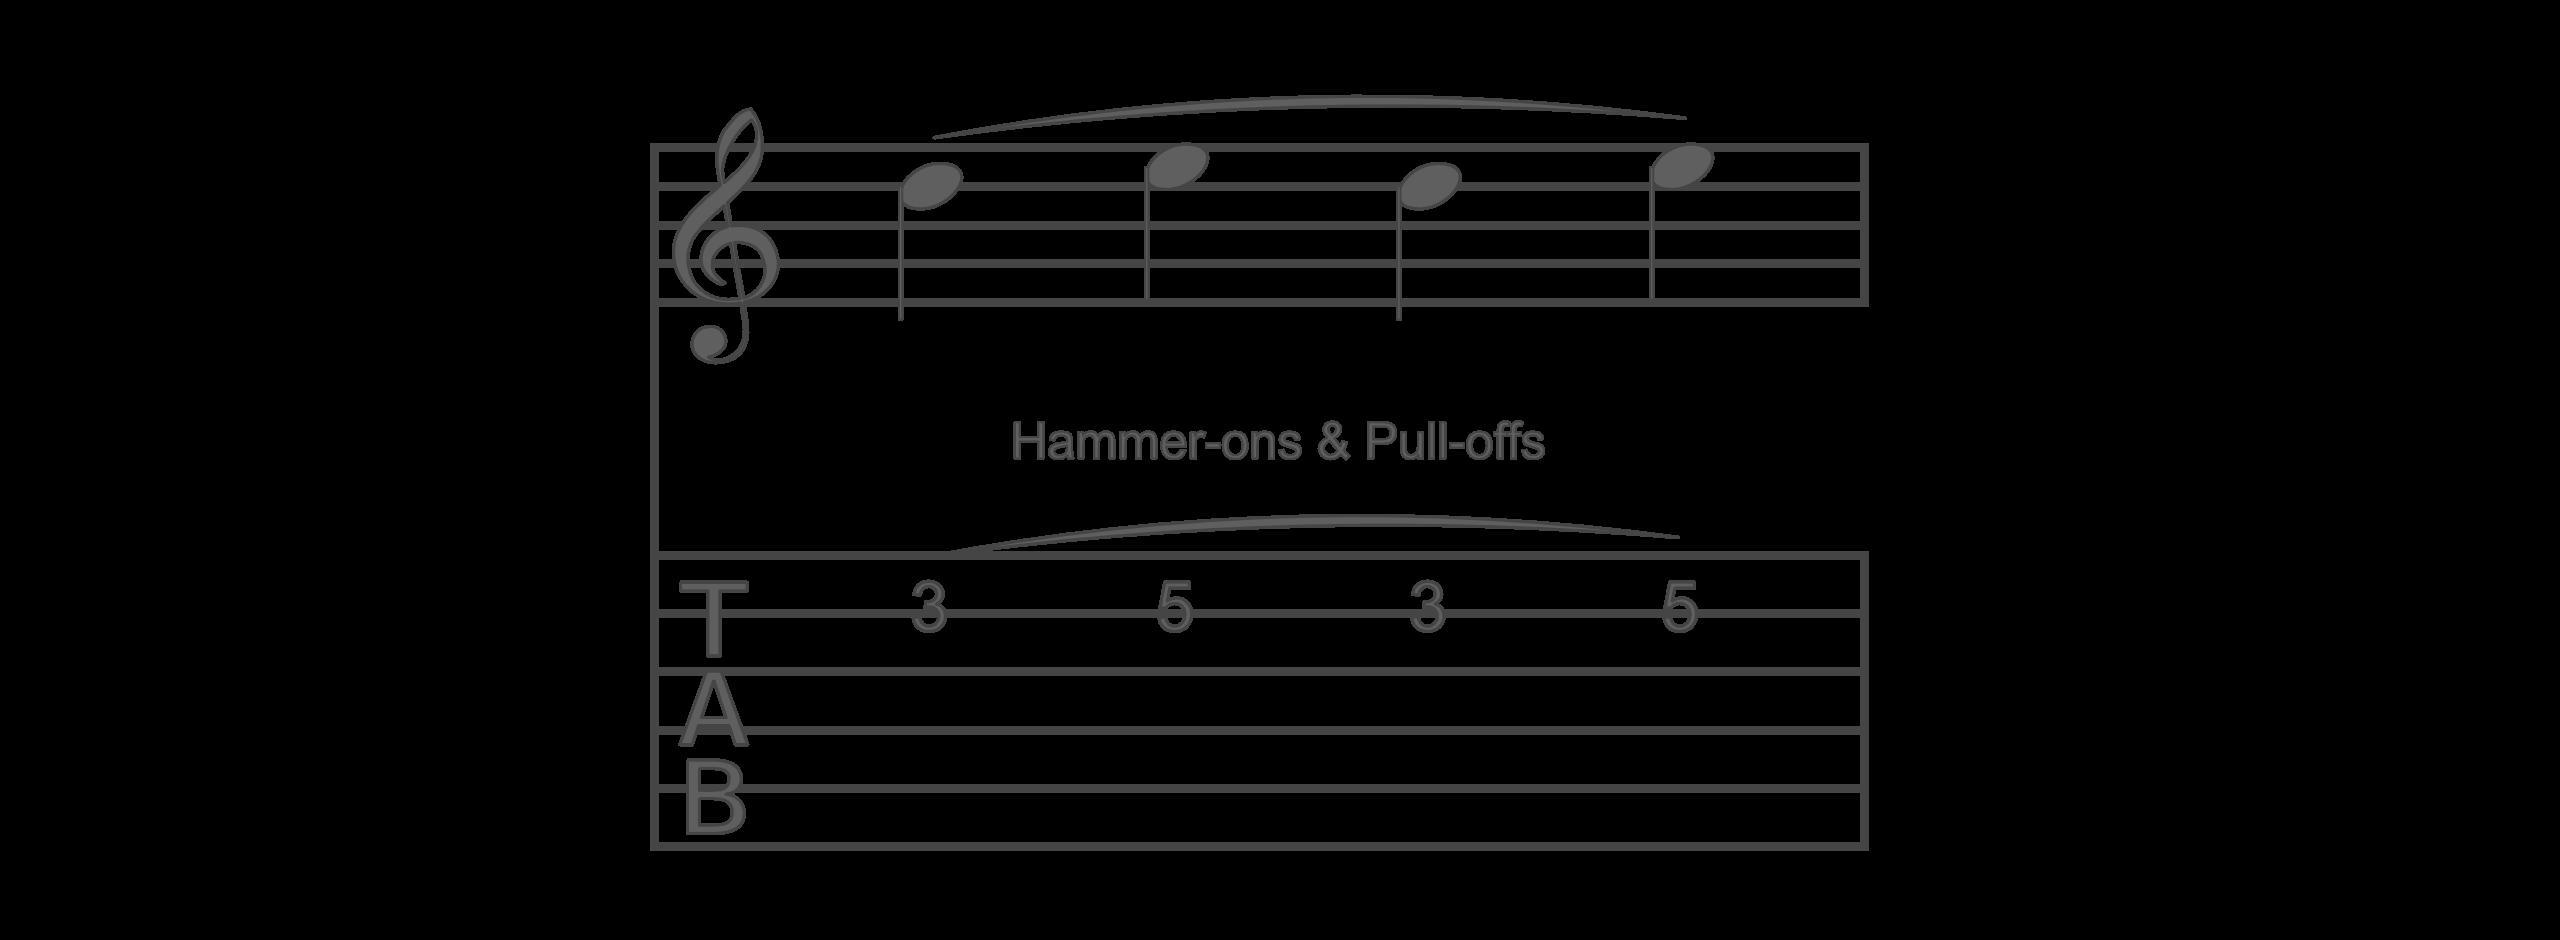 Tab Hammerons & Pulloffs